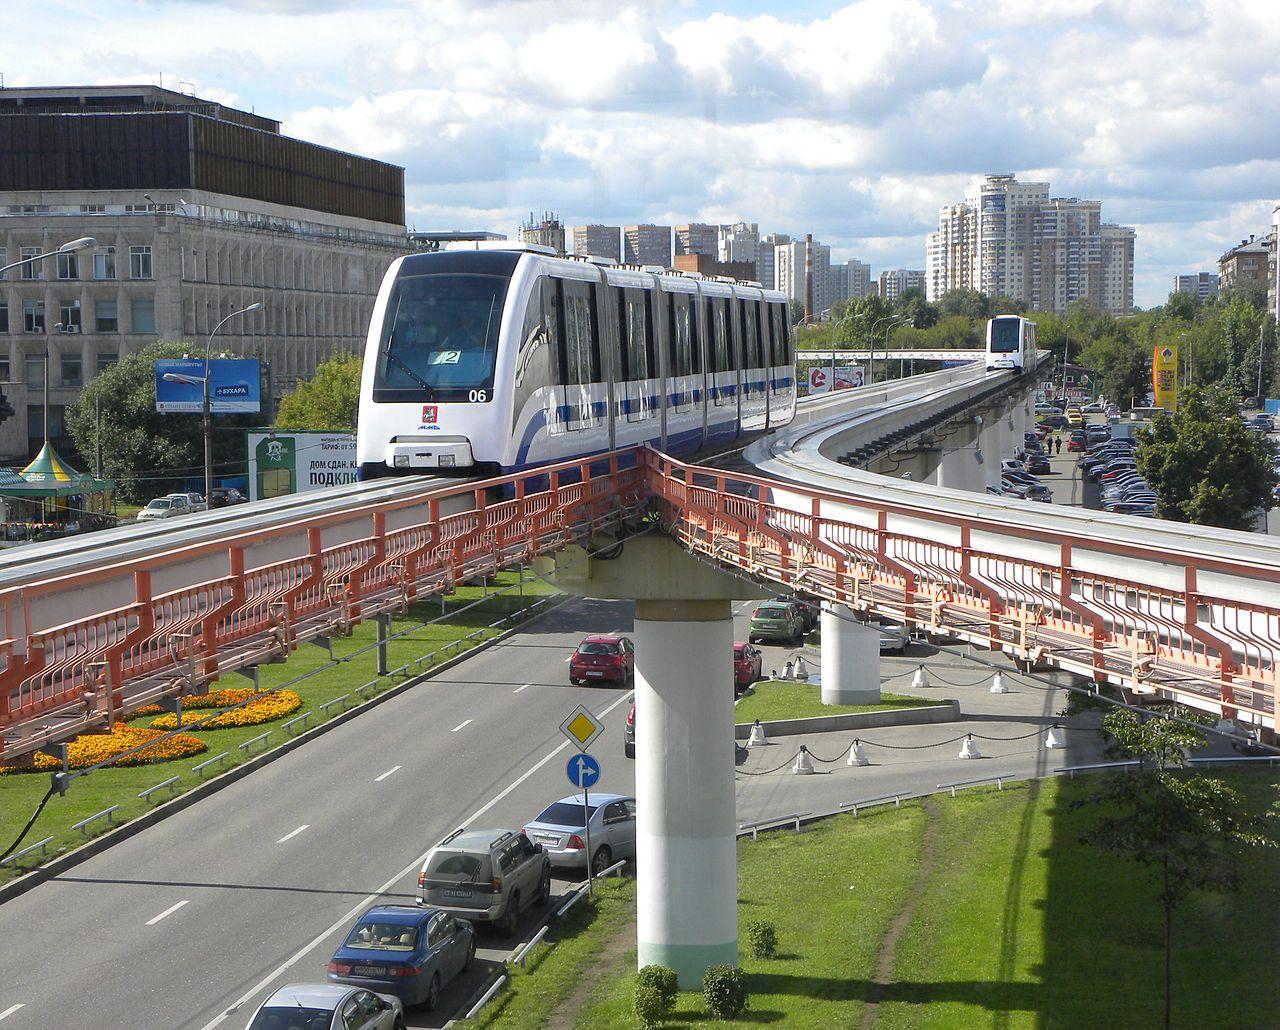 Южнокорейские компании изучают возможность инвестирования в транспортные проекты в Казахстане